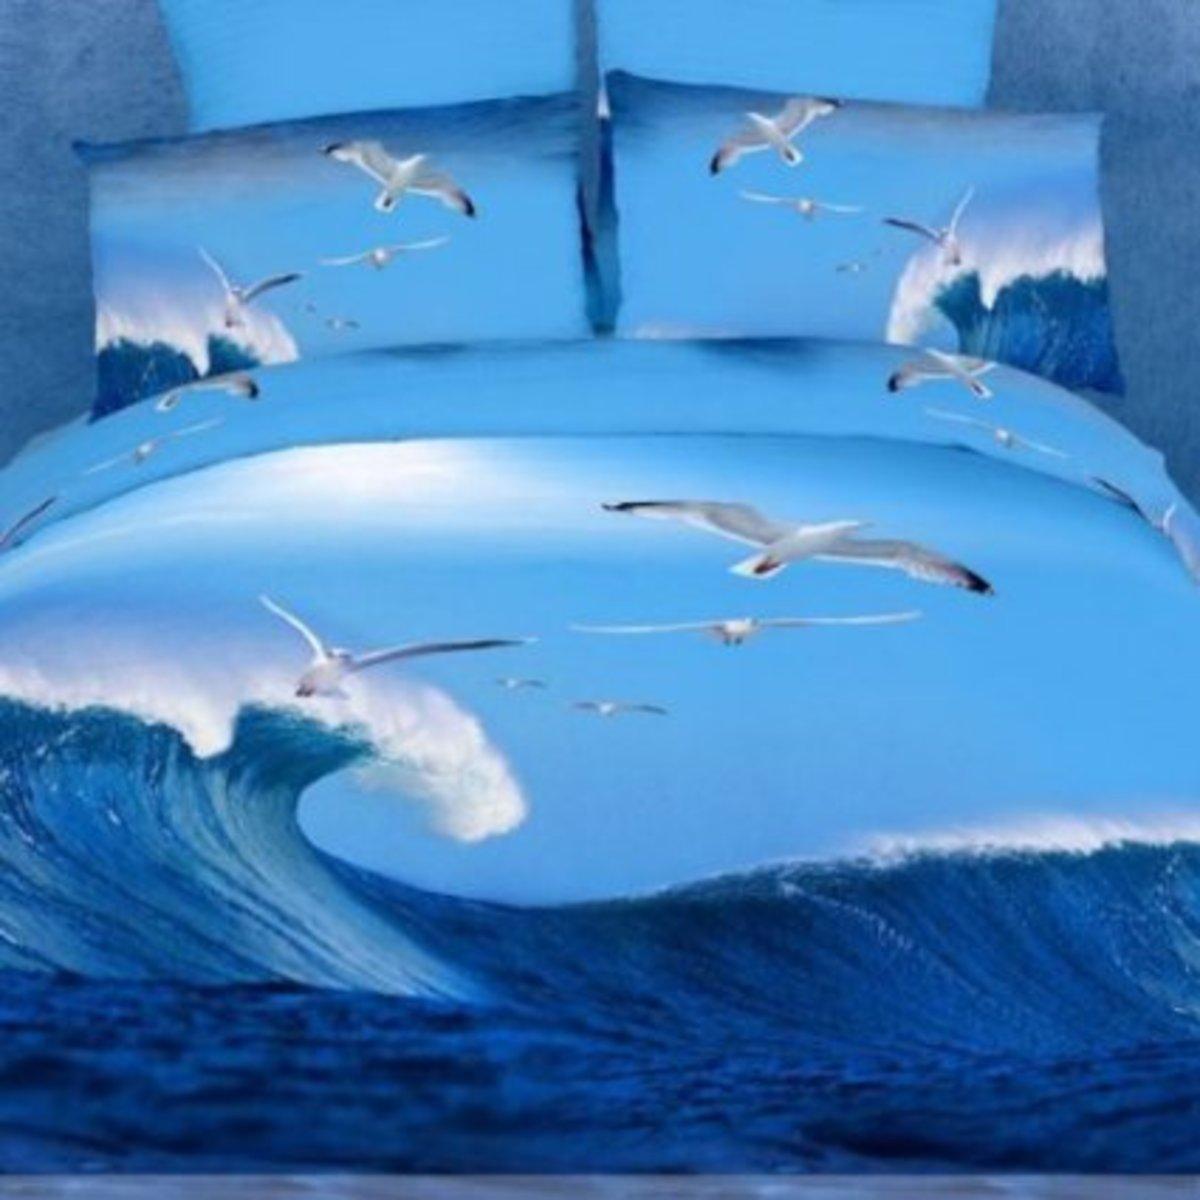 3-Piece Cobalt & Blue Duvet Bedding Set